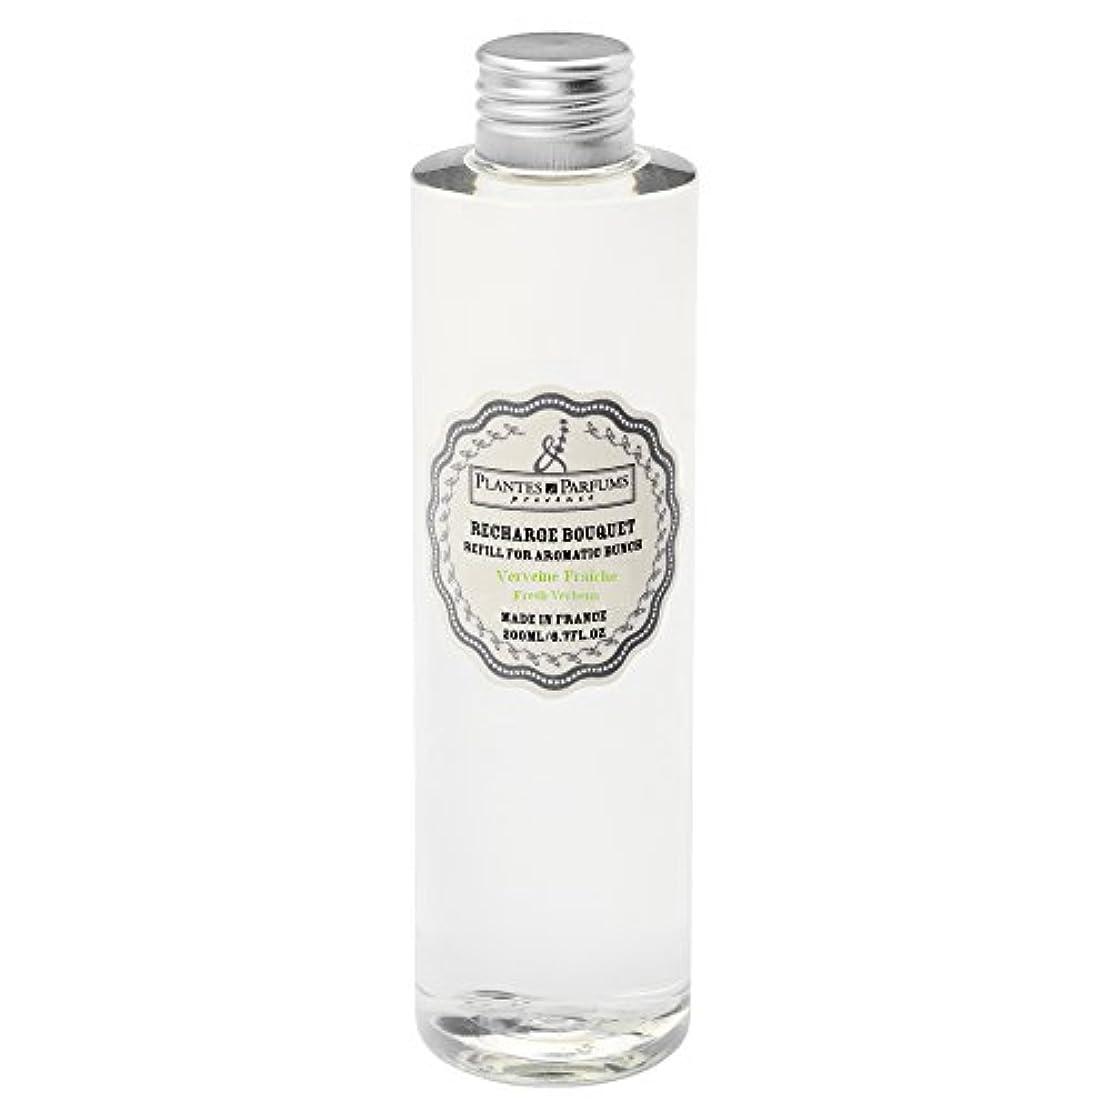 認める市の花湿地plantes parfums ディフューザーレフィル フレッシュバーベナ